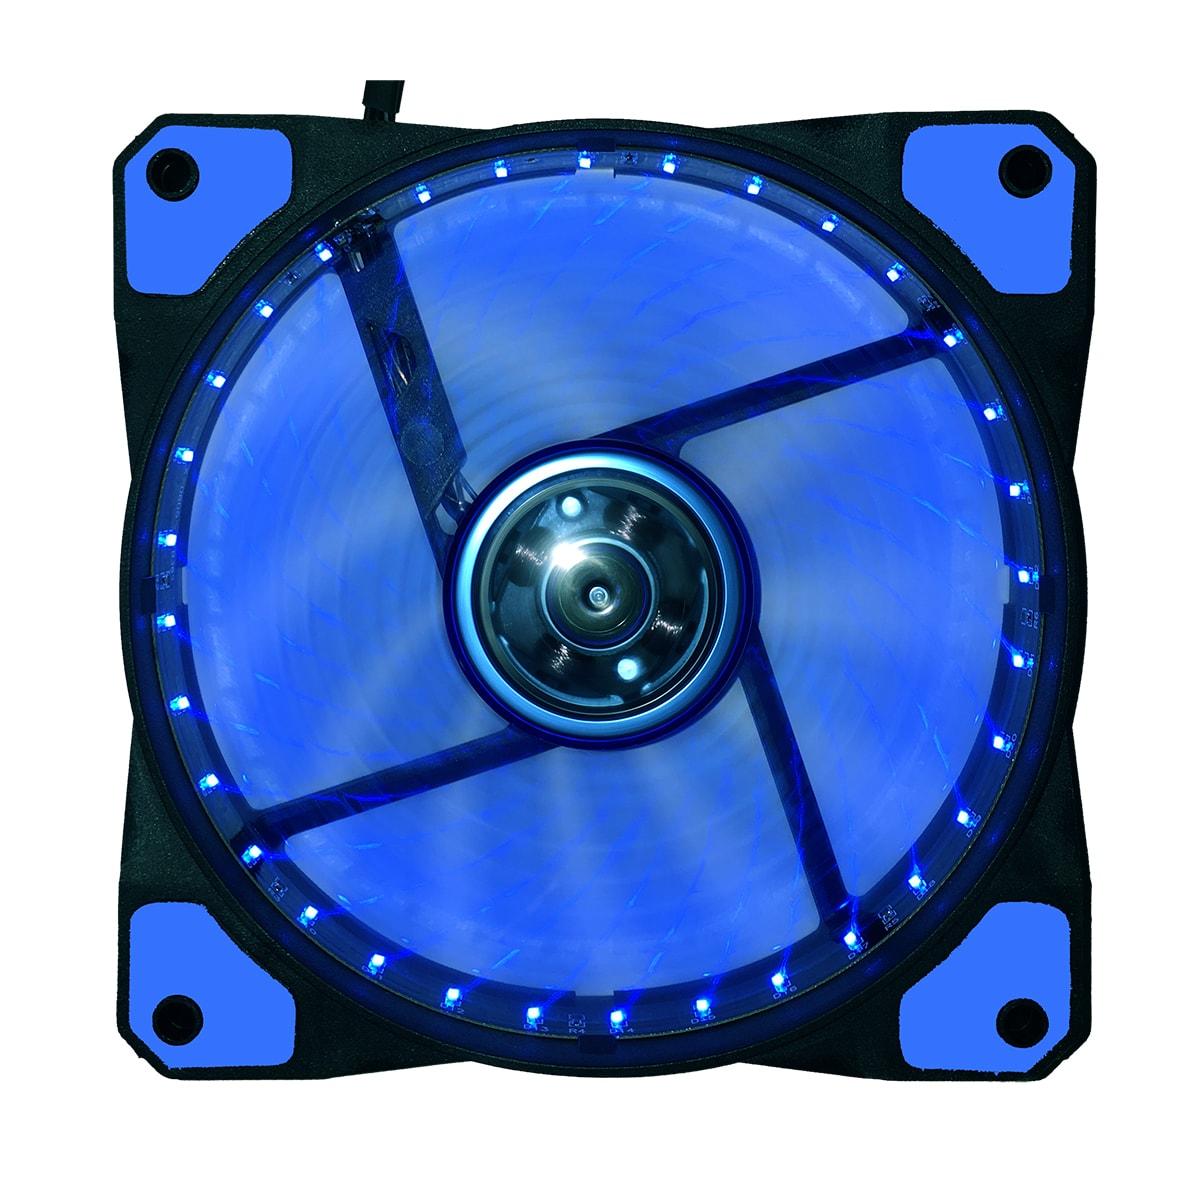 DUST DU-F12LB Ventilateur lumineux 12cm 32 LED Bleues - Ventilateur boîtier - 0